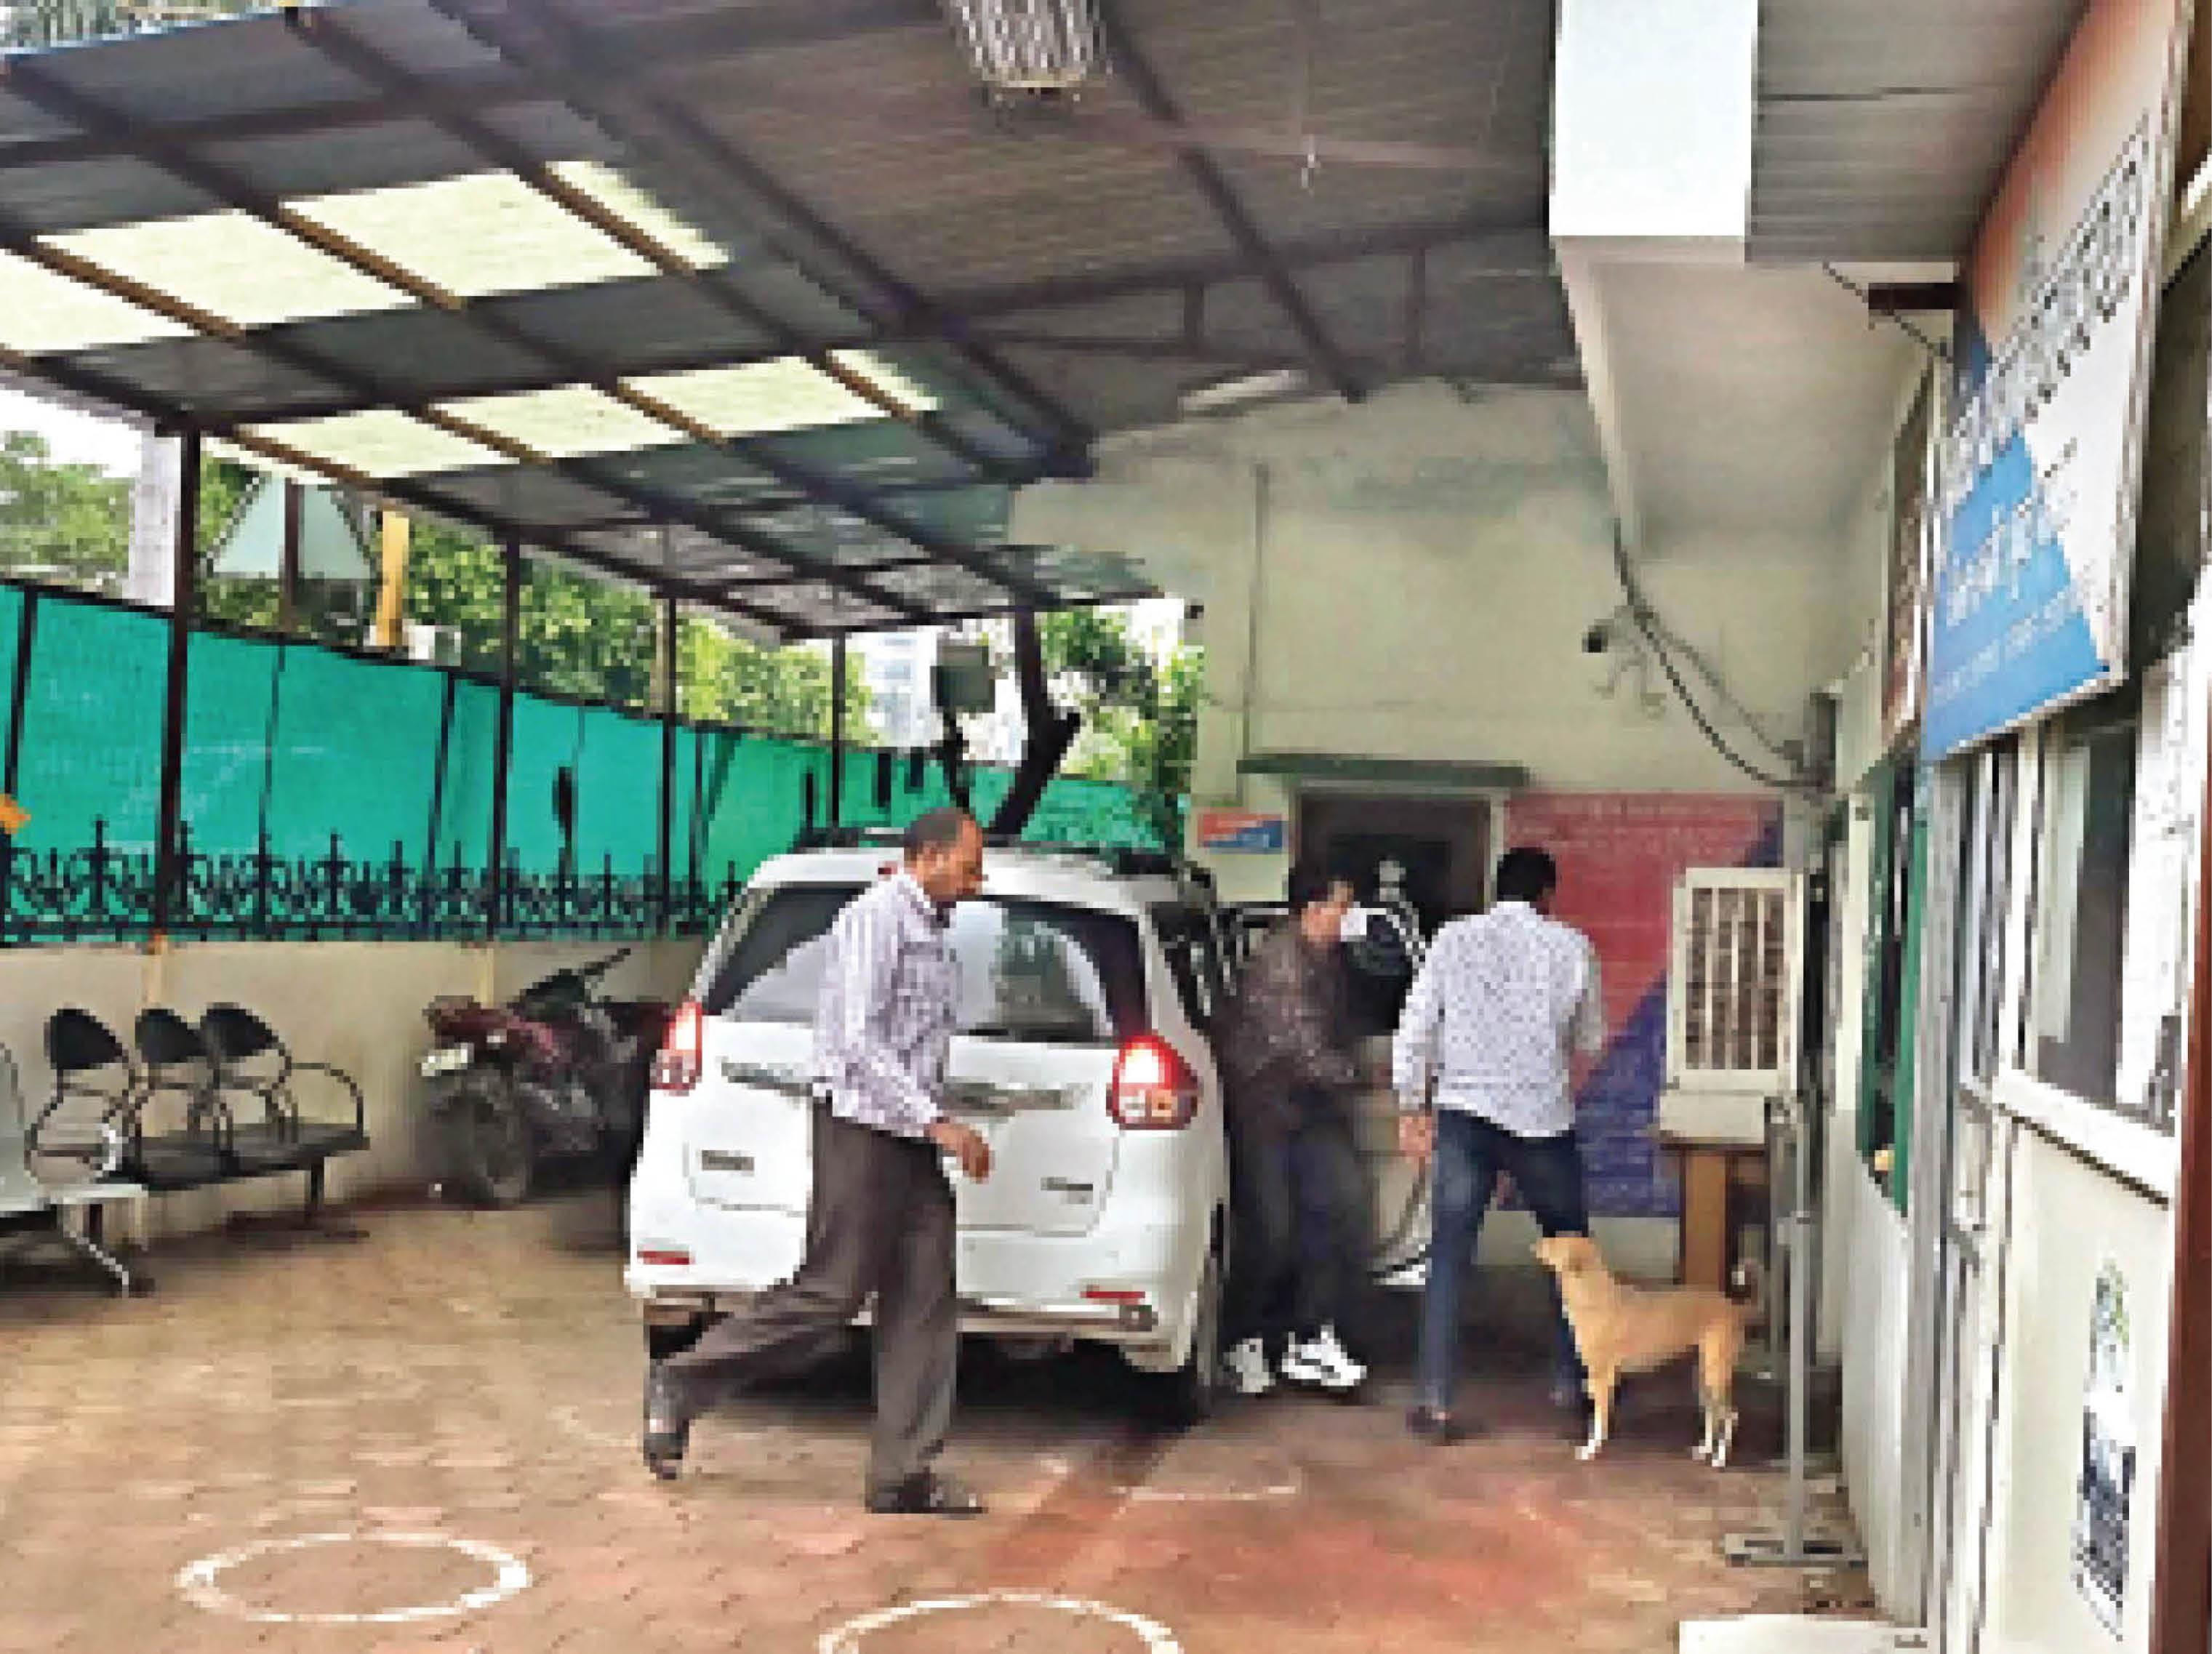 बदमाशों का जुलूस निकालने वाली पुलिस इन गुंडों को कार से लेकर पहुंची। - Dainik Bhaskar